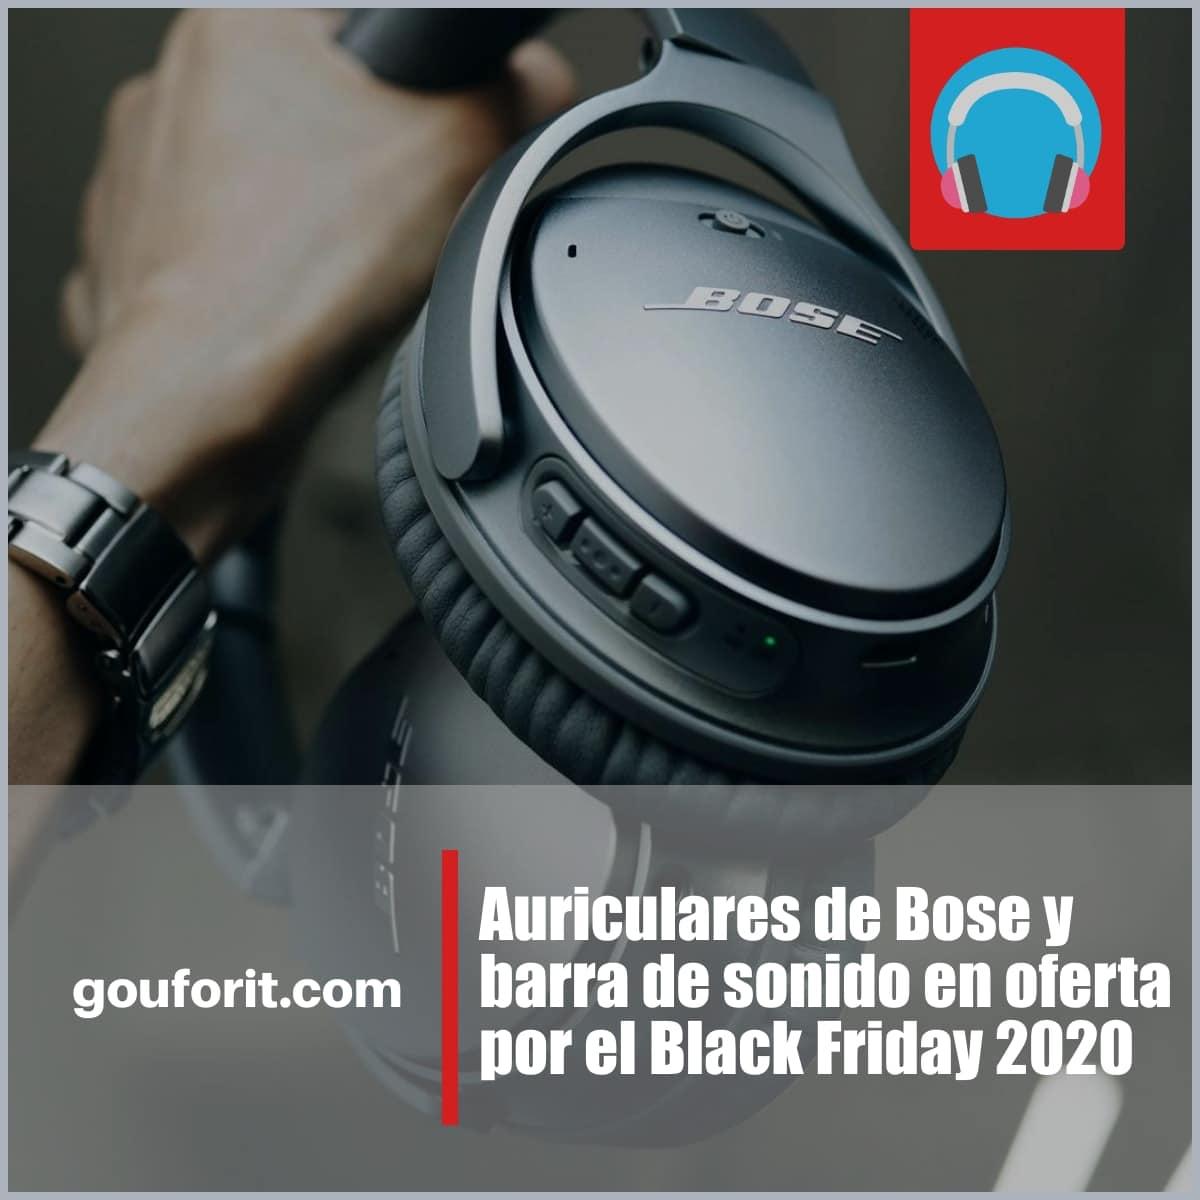 Auriculares de Bose y barra de sonido en oferta por el Black Friday 2020